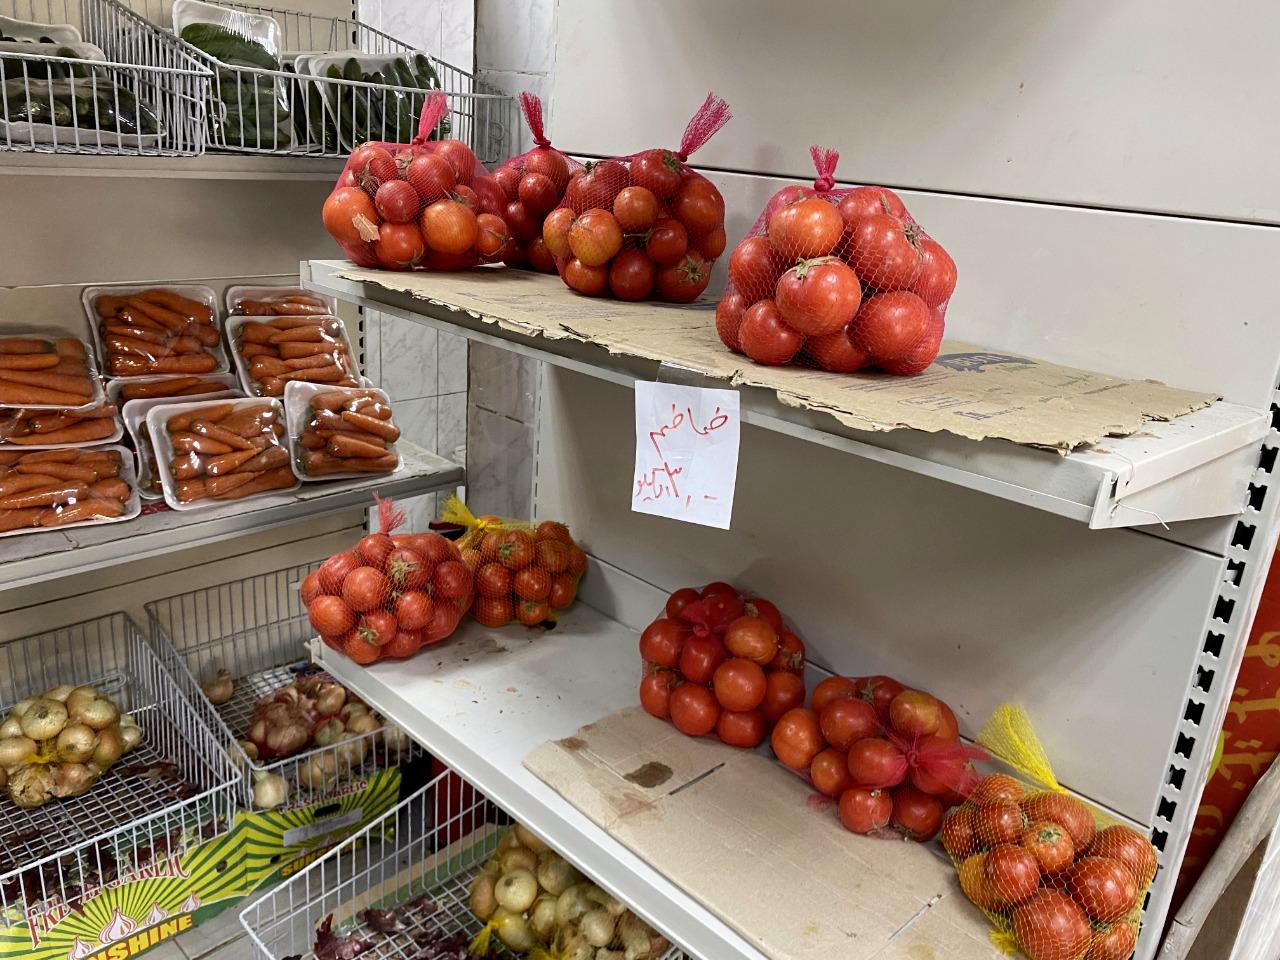 تخفيضات بمنتجات الخضراوات والفاكهة واللحوم والدواجن (2)